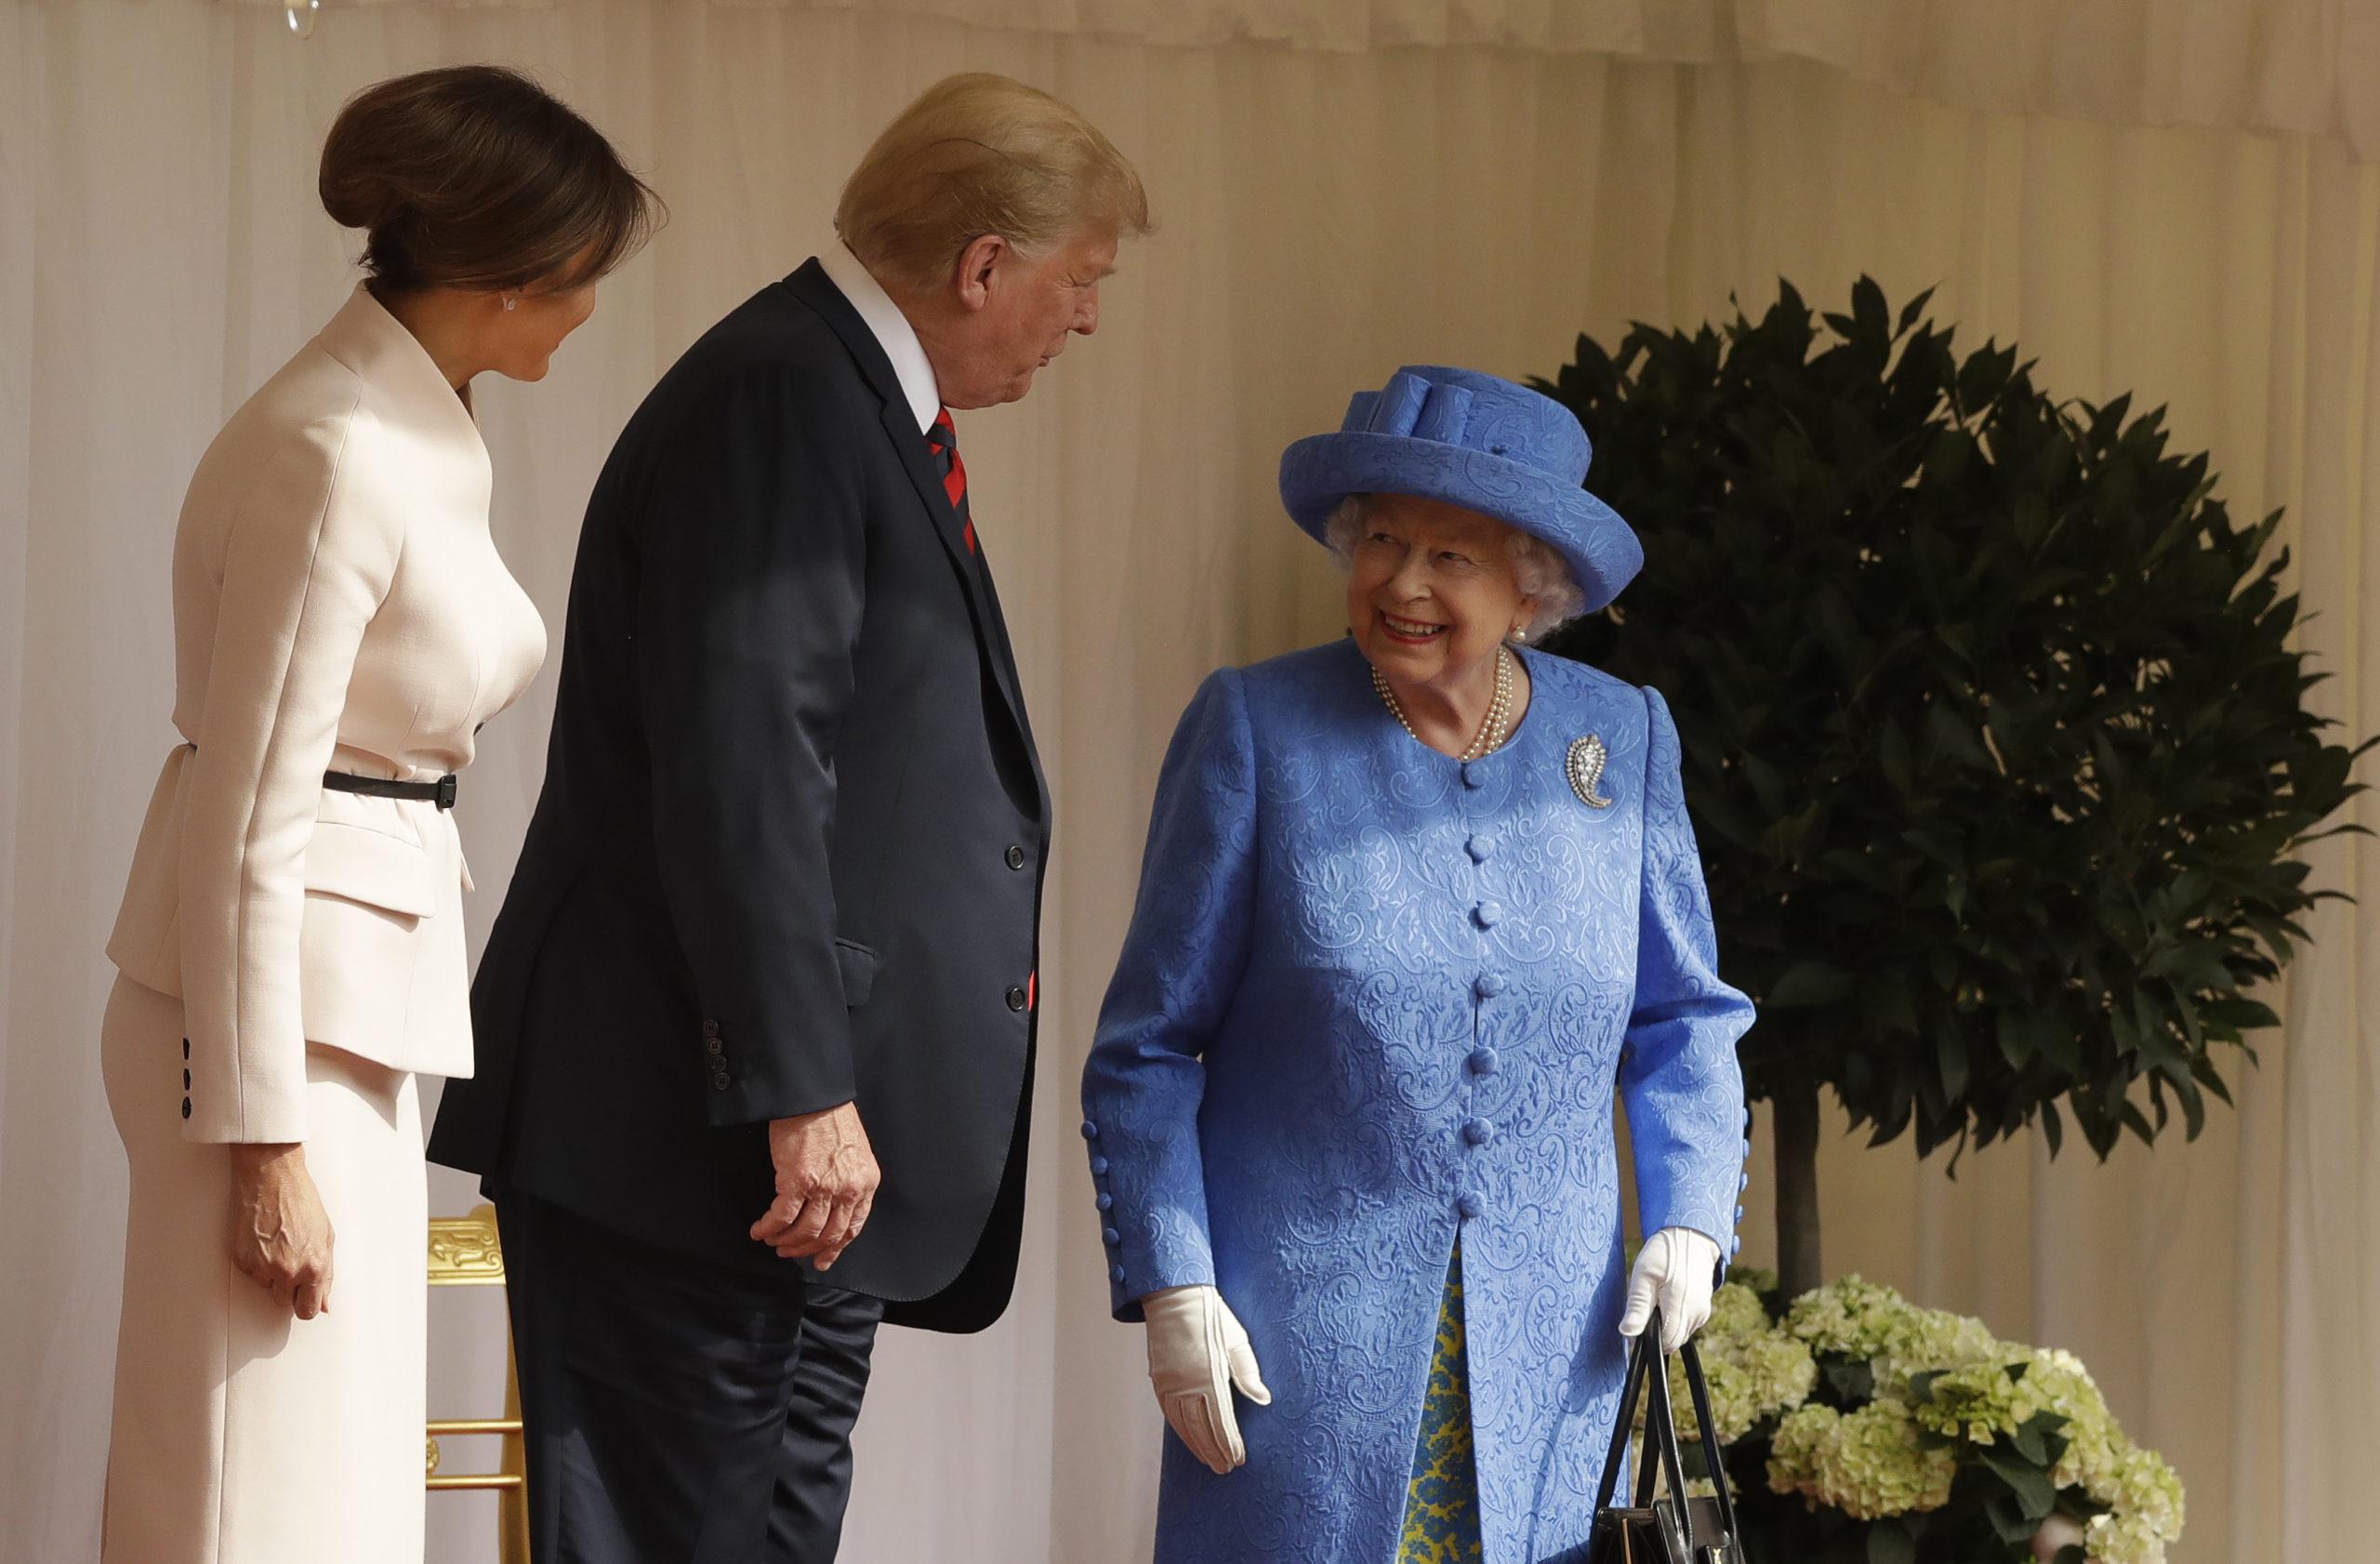 Похоронная брошь и подарок от Барака Обамы: Елизавета II подшутила над Дональдом Трампом